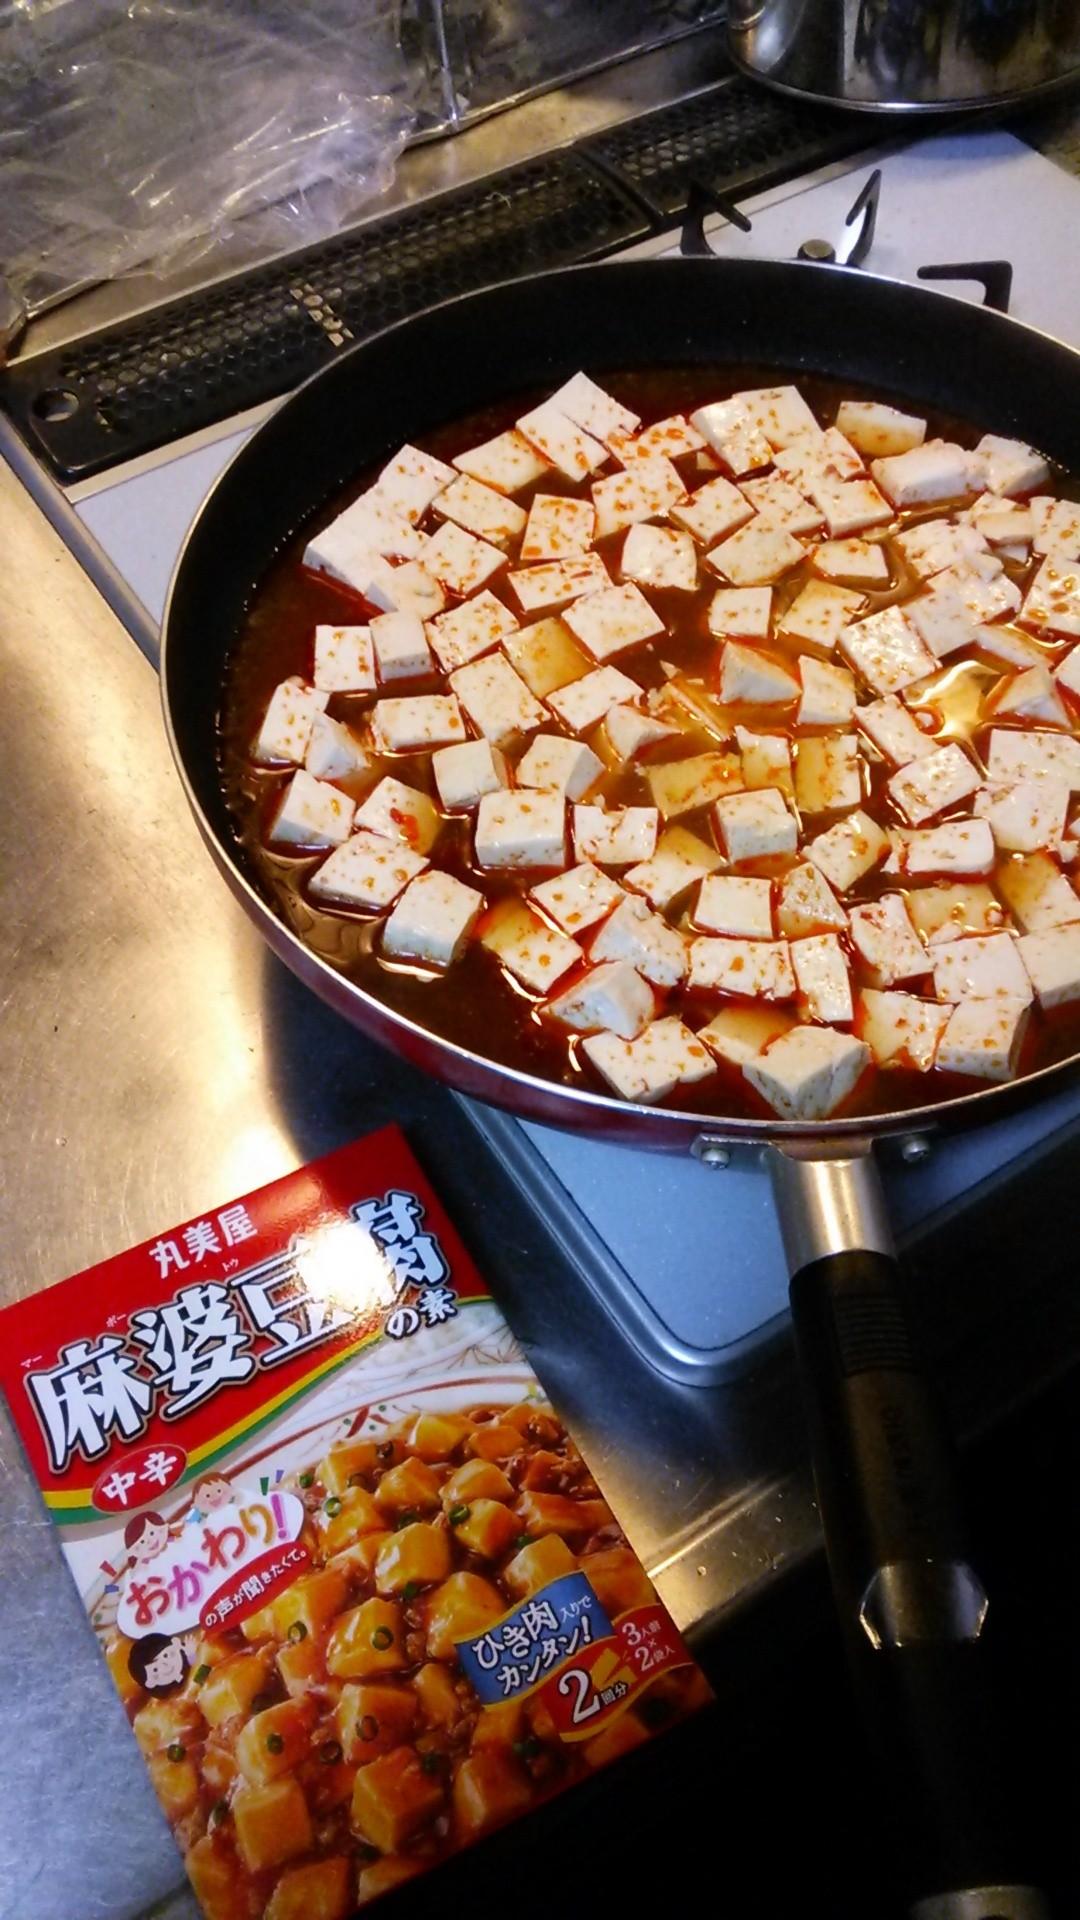 麻婆豆腐!!、、、ほぼ暖めるだけ(^_^ゞ